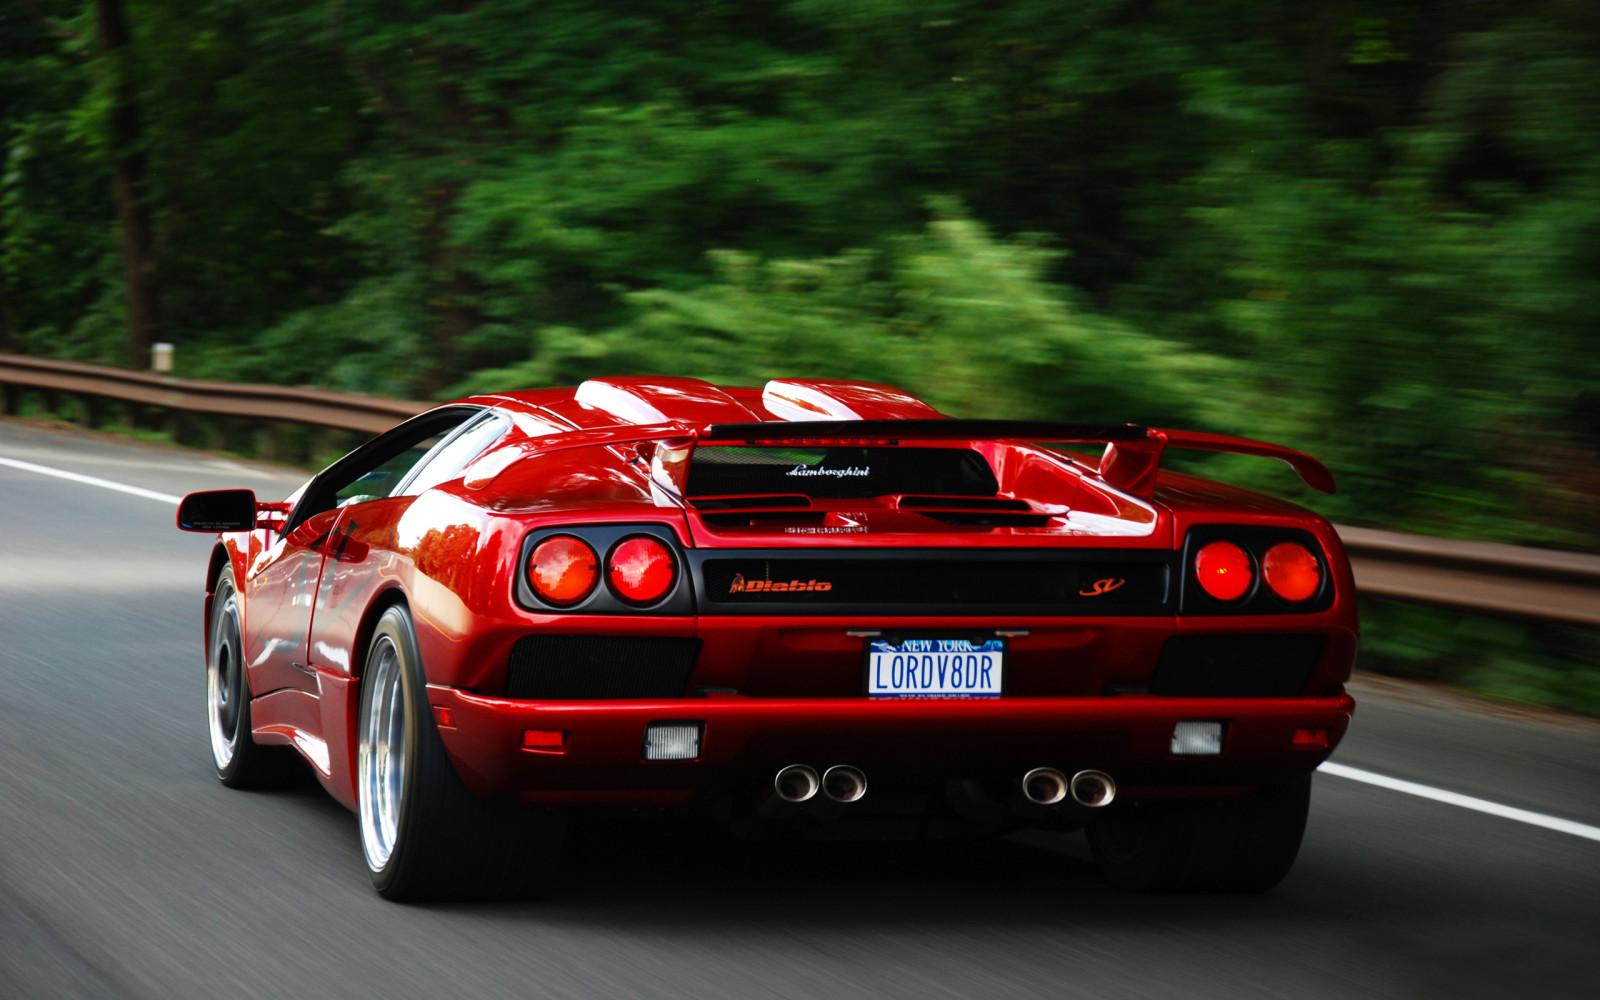 Car Vehicle Lamborghini Red Cars Sports Car Motion Blur Ferrari F40 Lamborghini  Diablo Lamborghini Diablo Sv